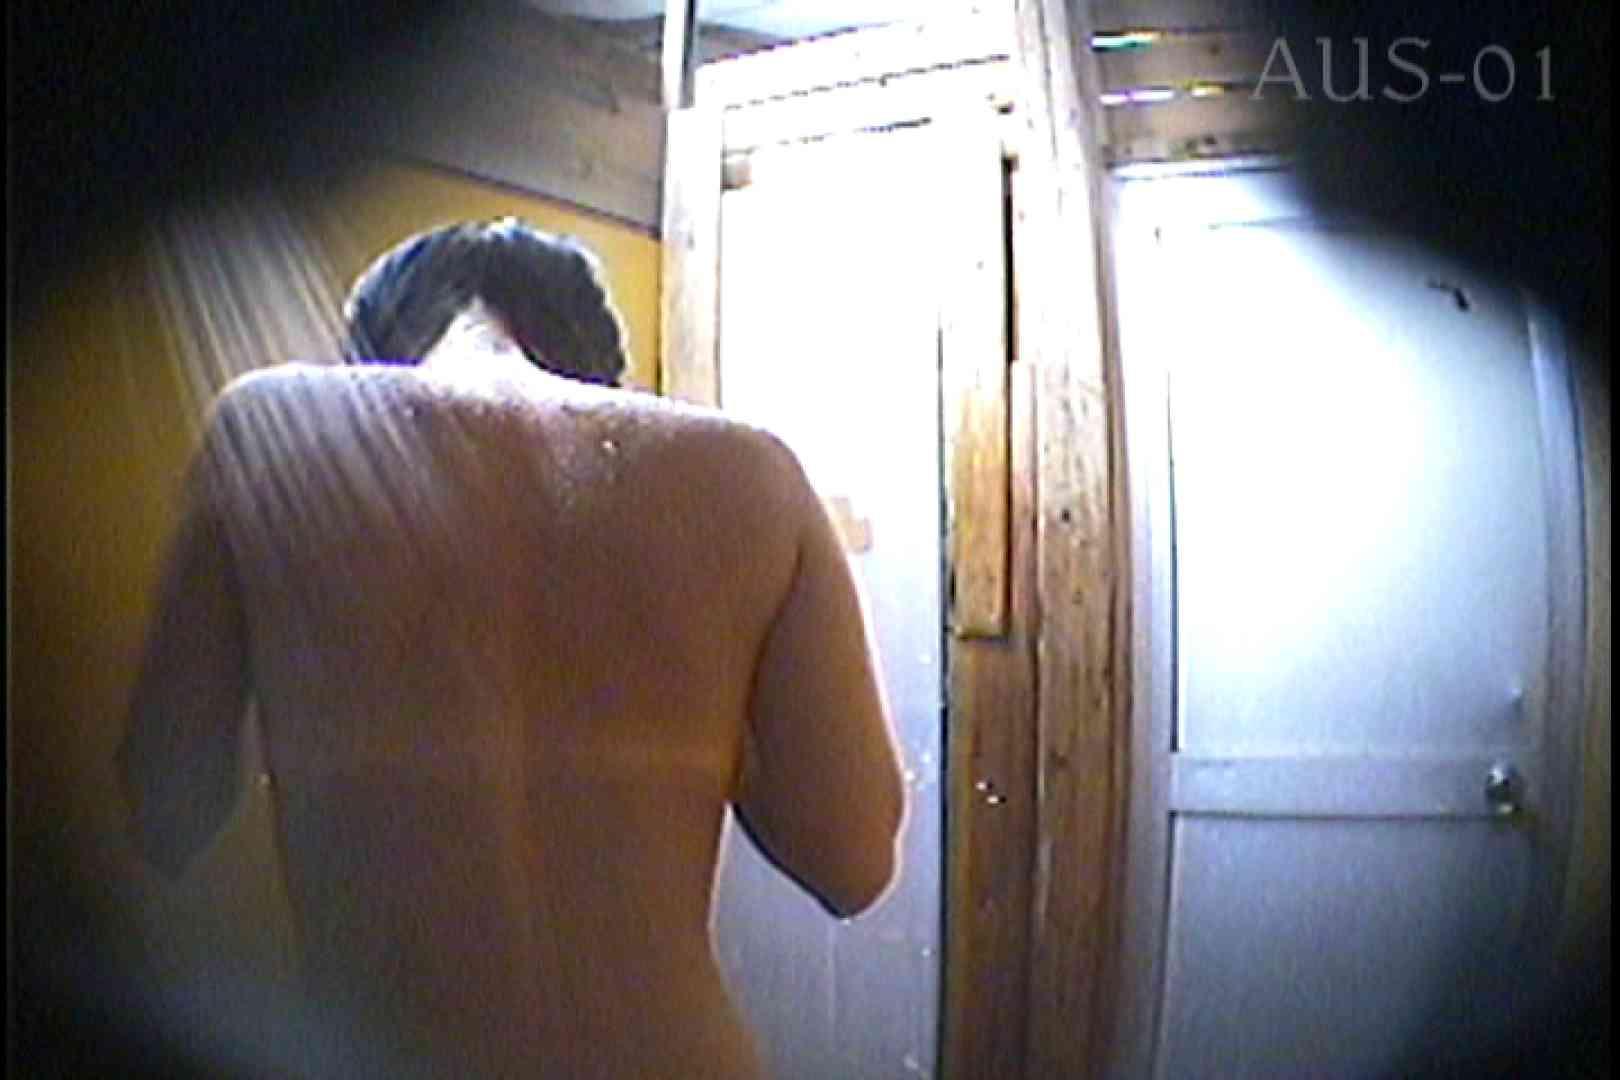 海の家の更衣室 Vol.01 OLのボディ   シャワー  105PIX 55